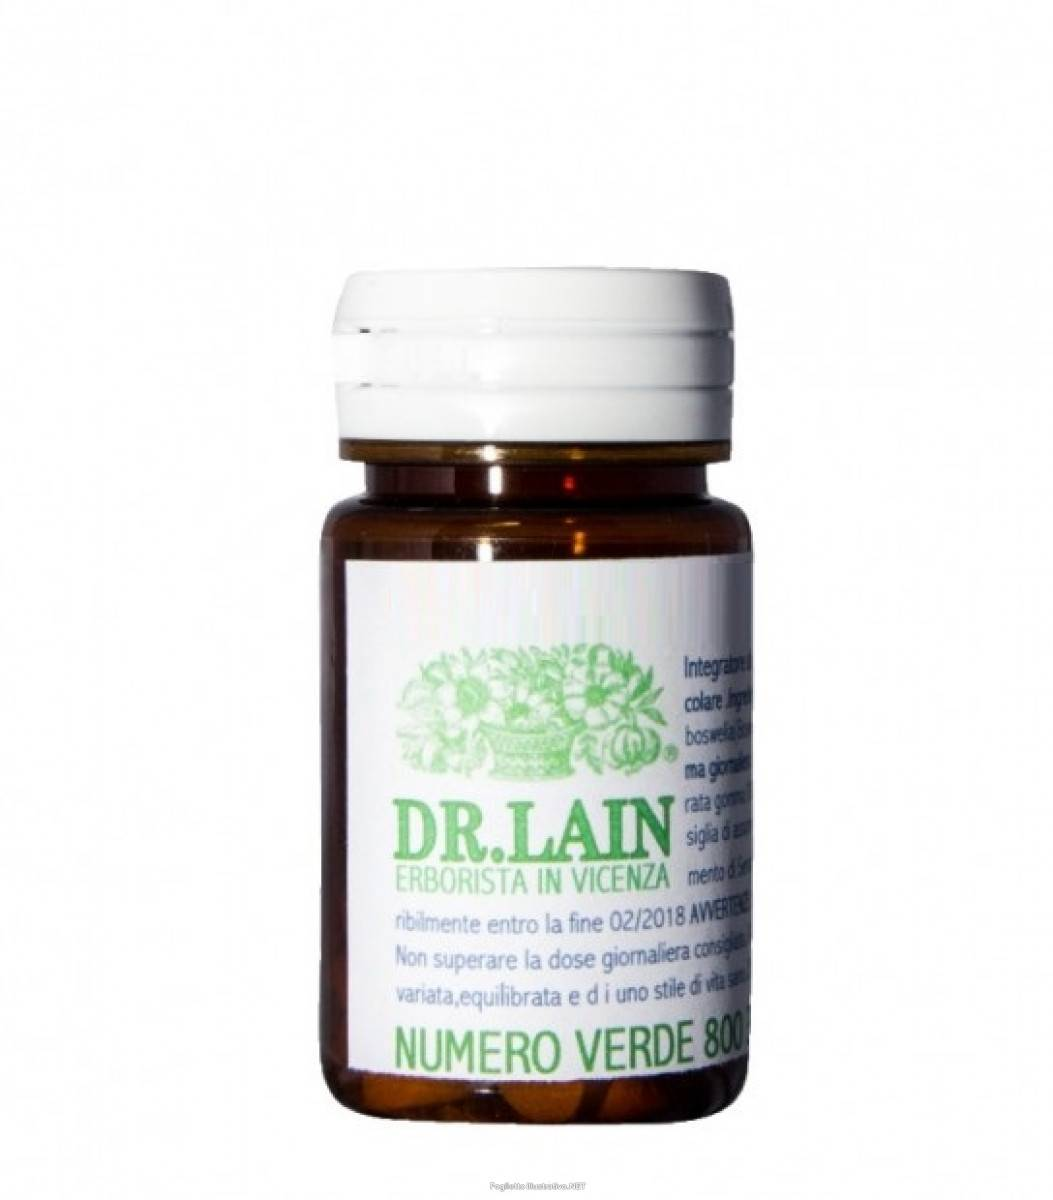 DR.LAIN Cozze Verdi 50cpr (925464240)